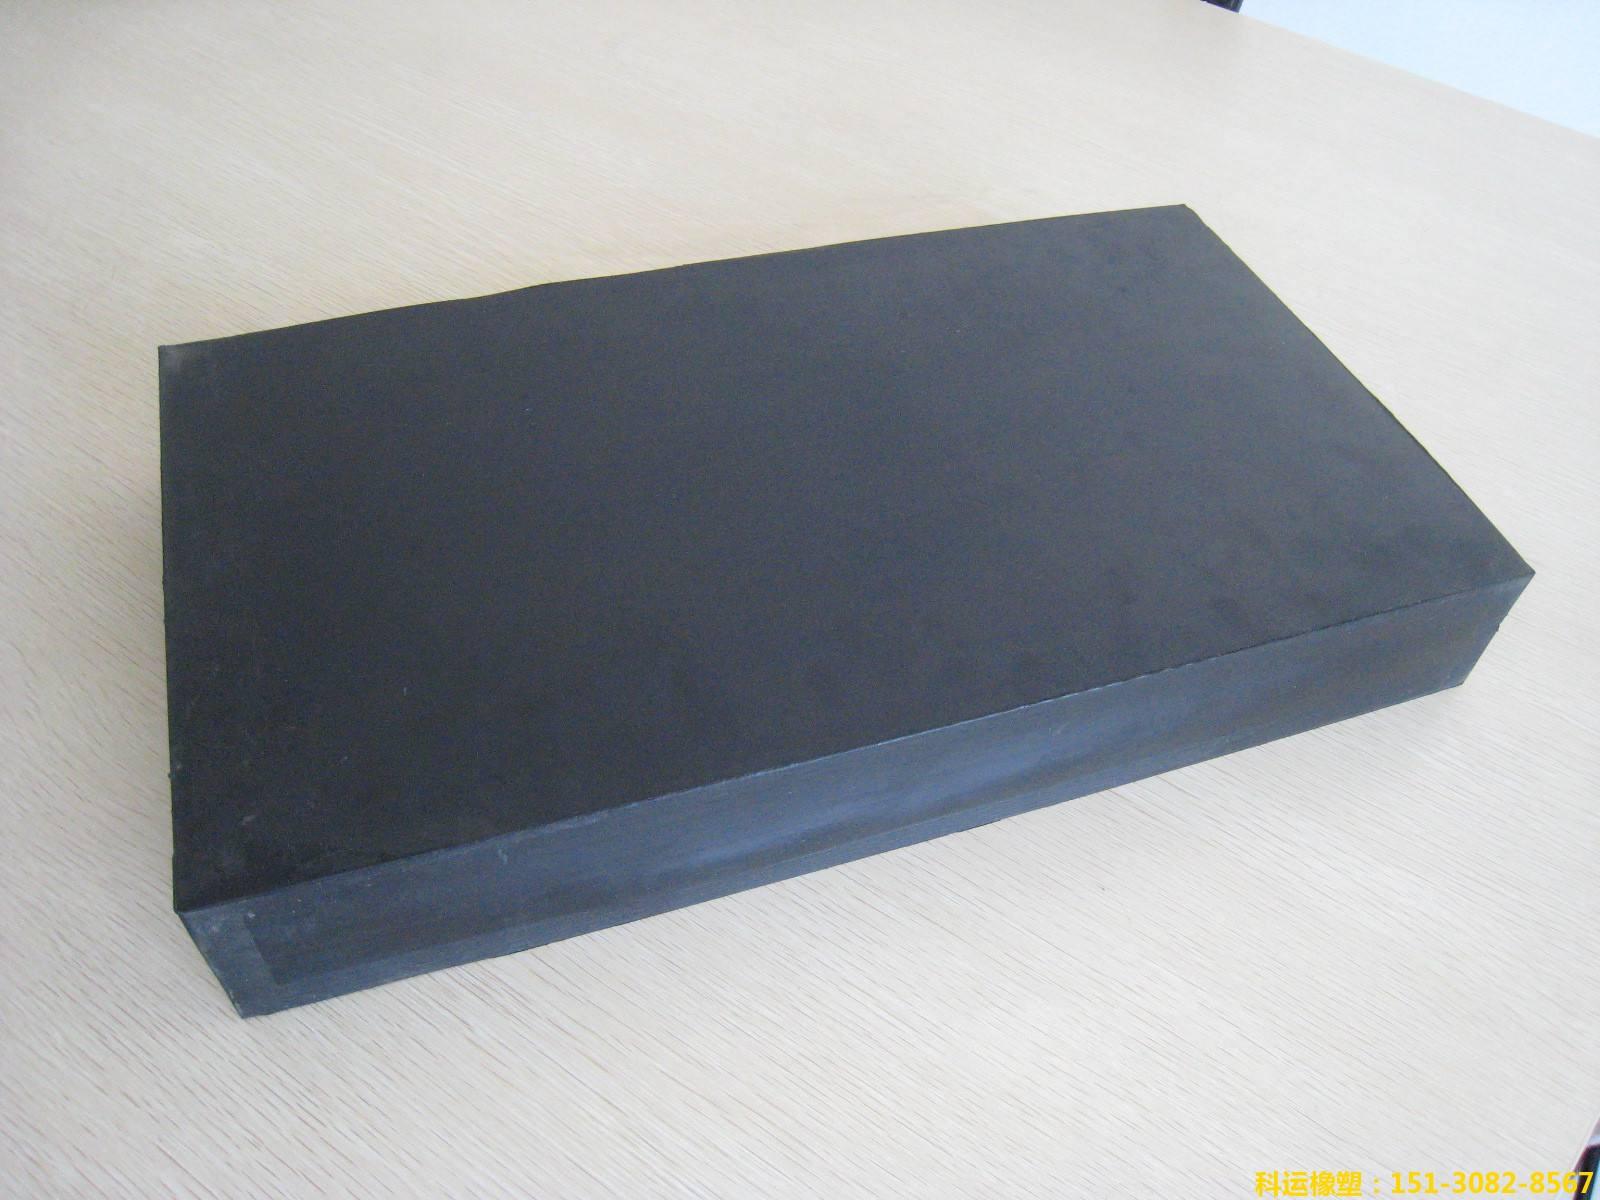 桥梁挡块 橡胶垫块 橡胶垫板 科运良品国标加工定做1